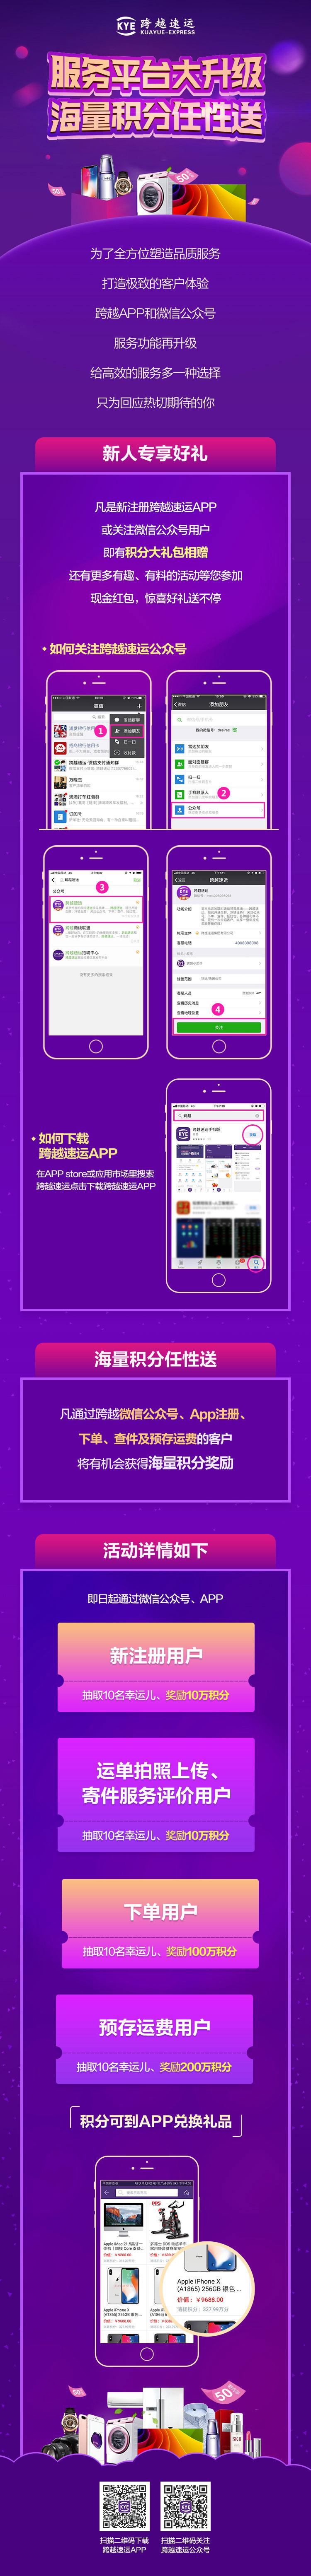 750-微信功能大升级-改3(1).jpg